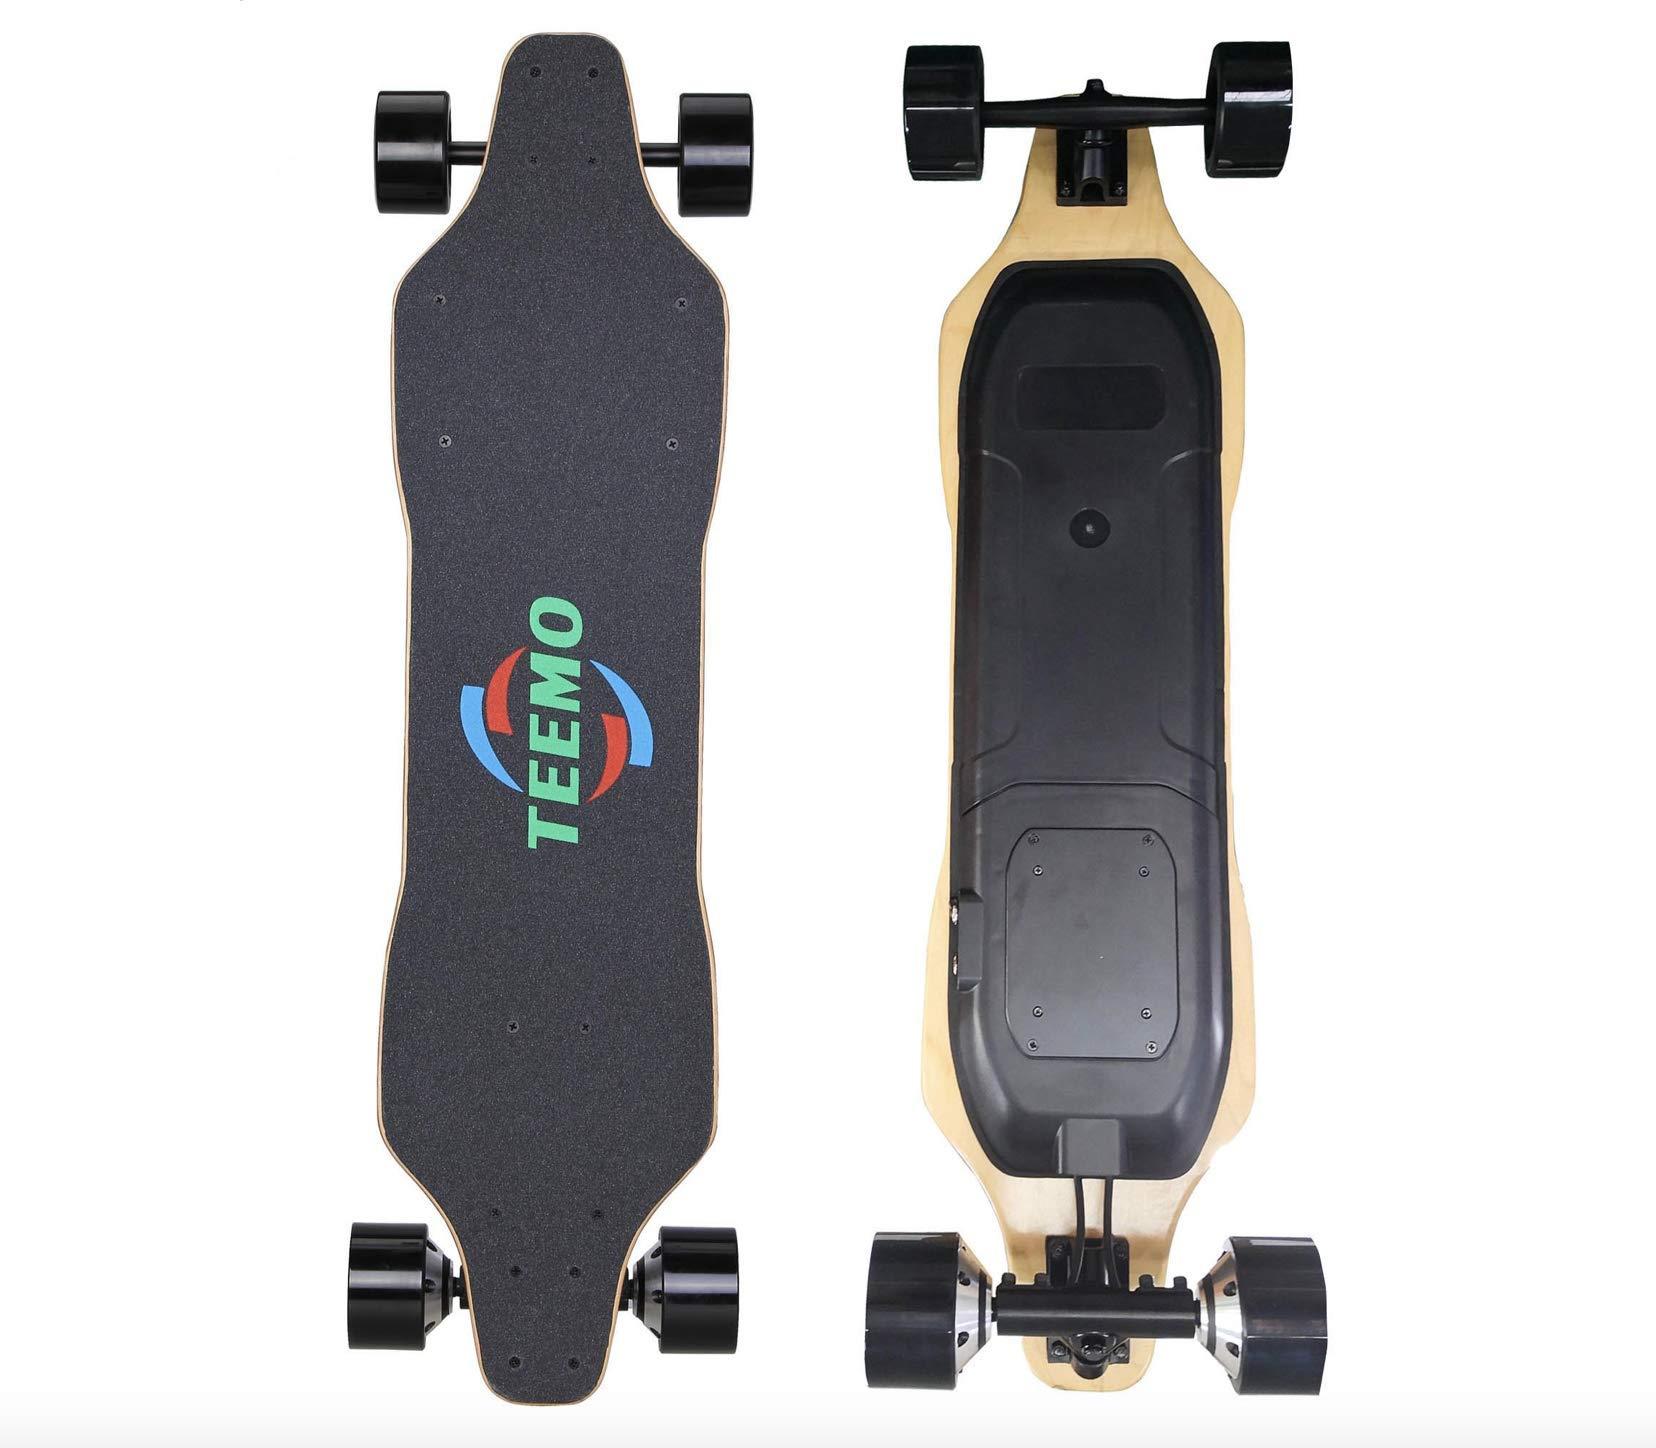 Teemo Electric Skateboard Moterized Longboard